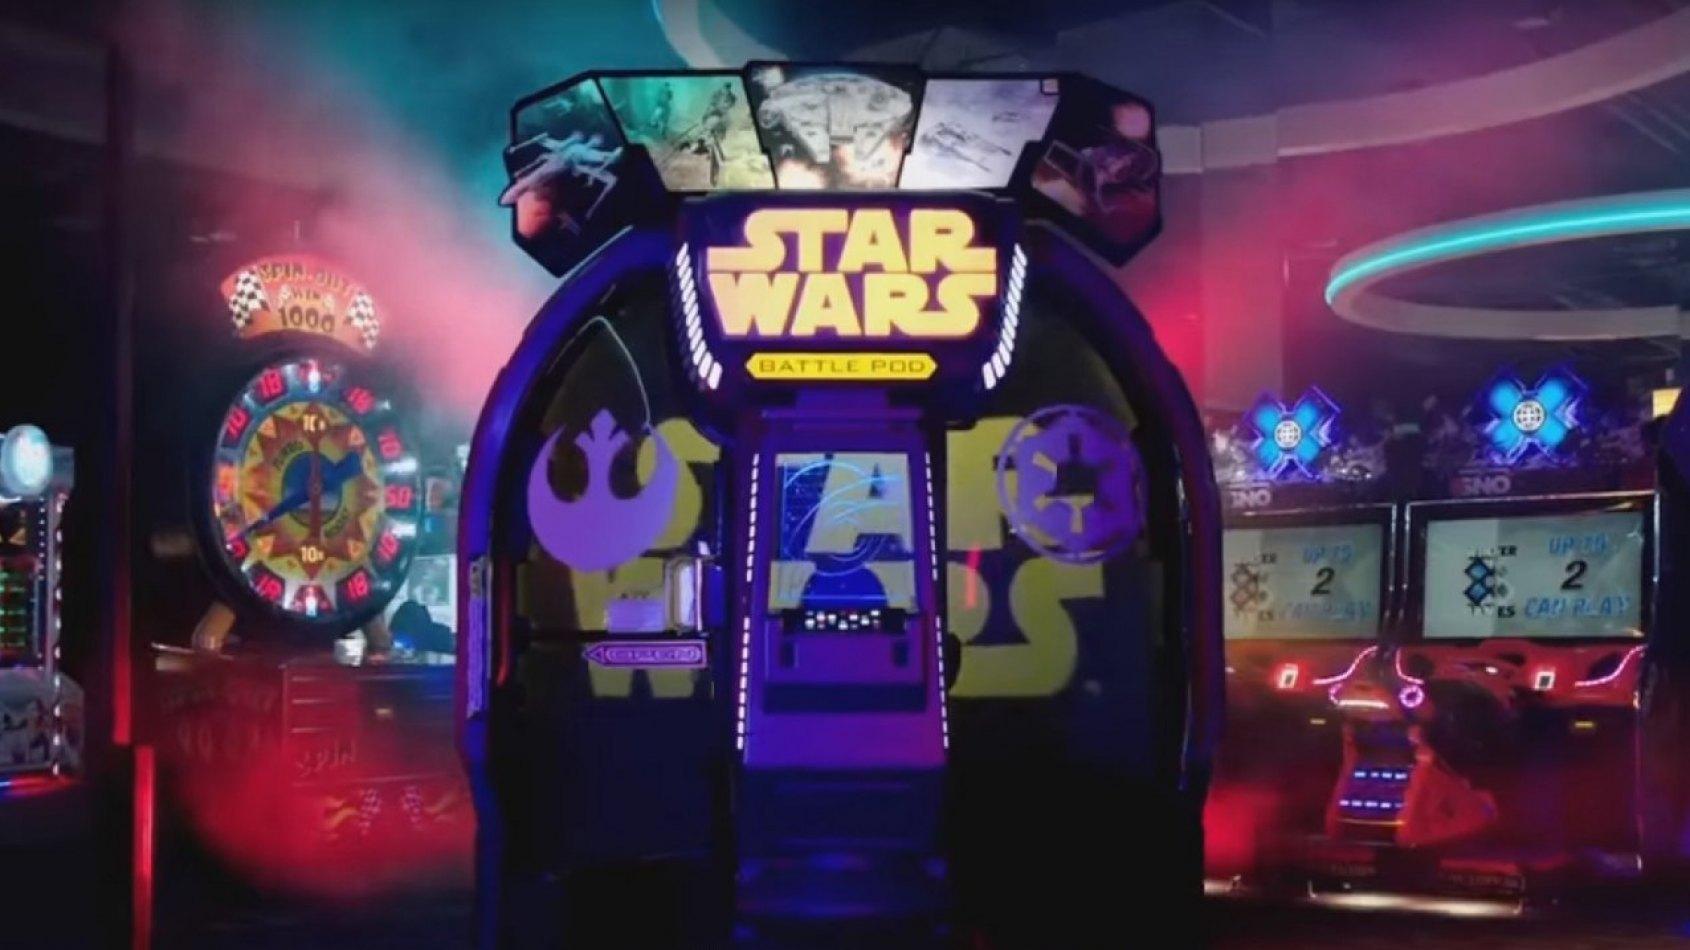 Star Wars Battle Pod accueille un niveau du Réveil de la Force